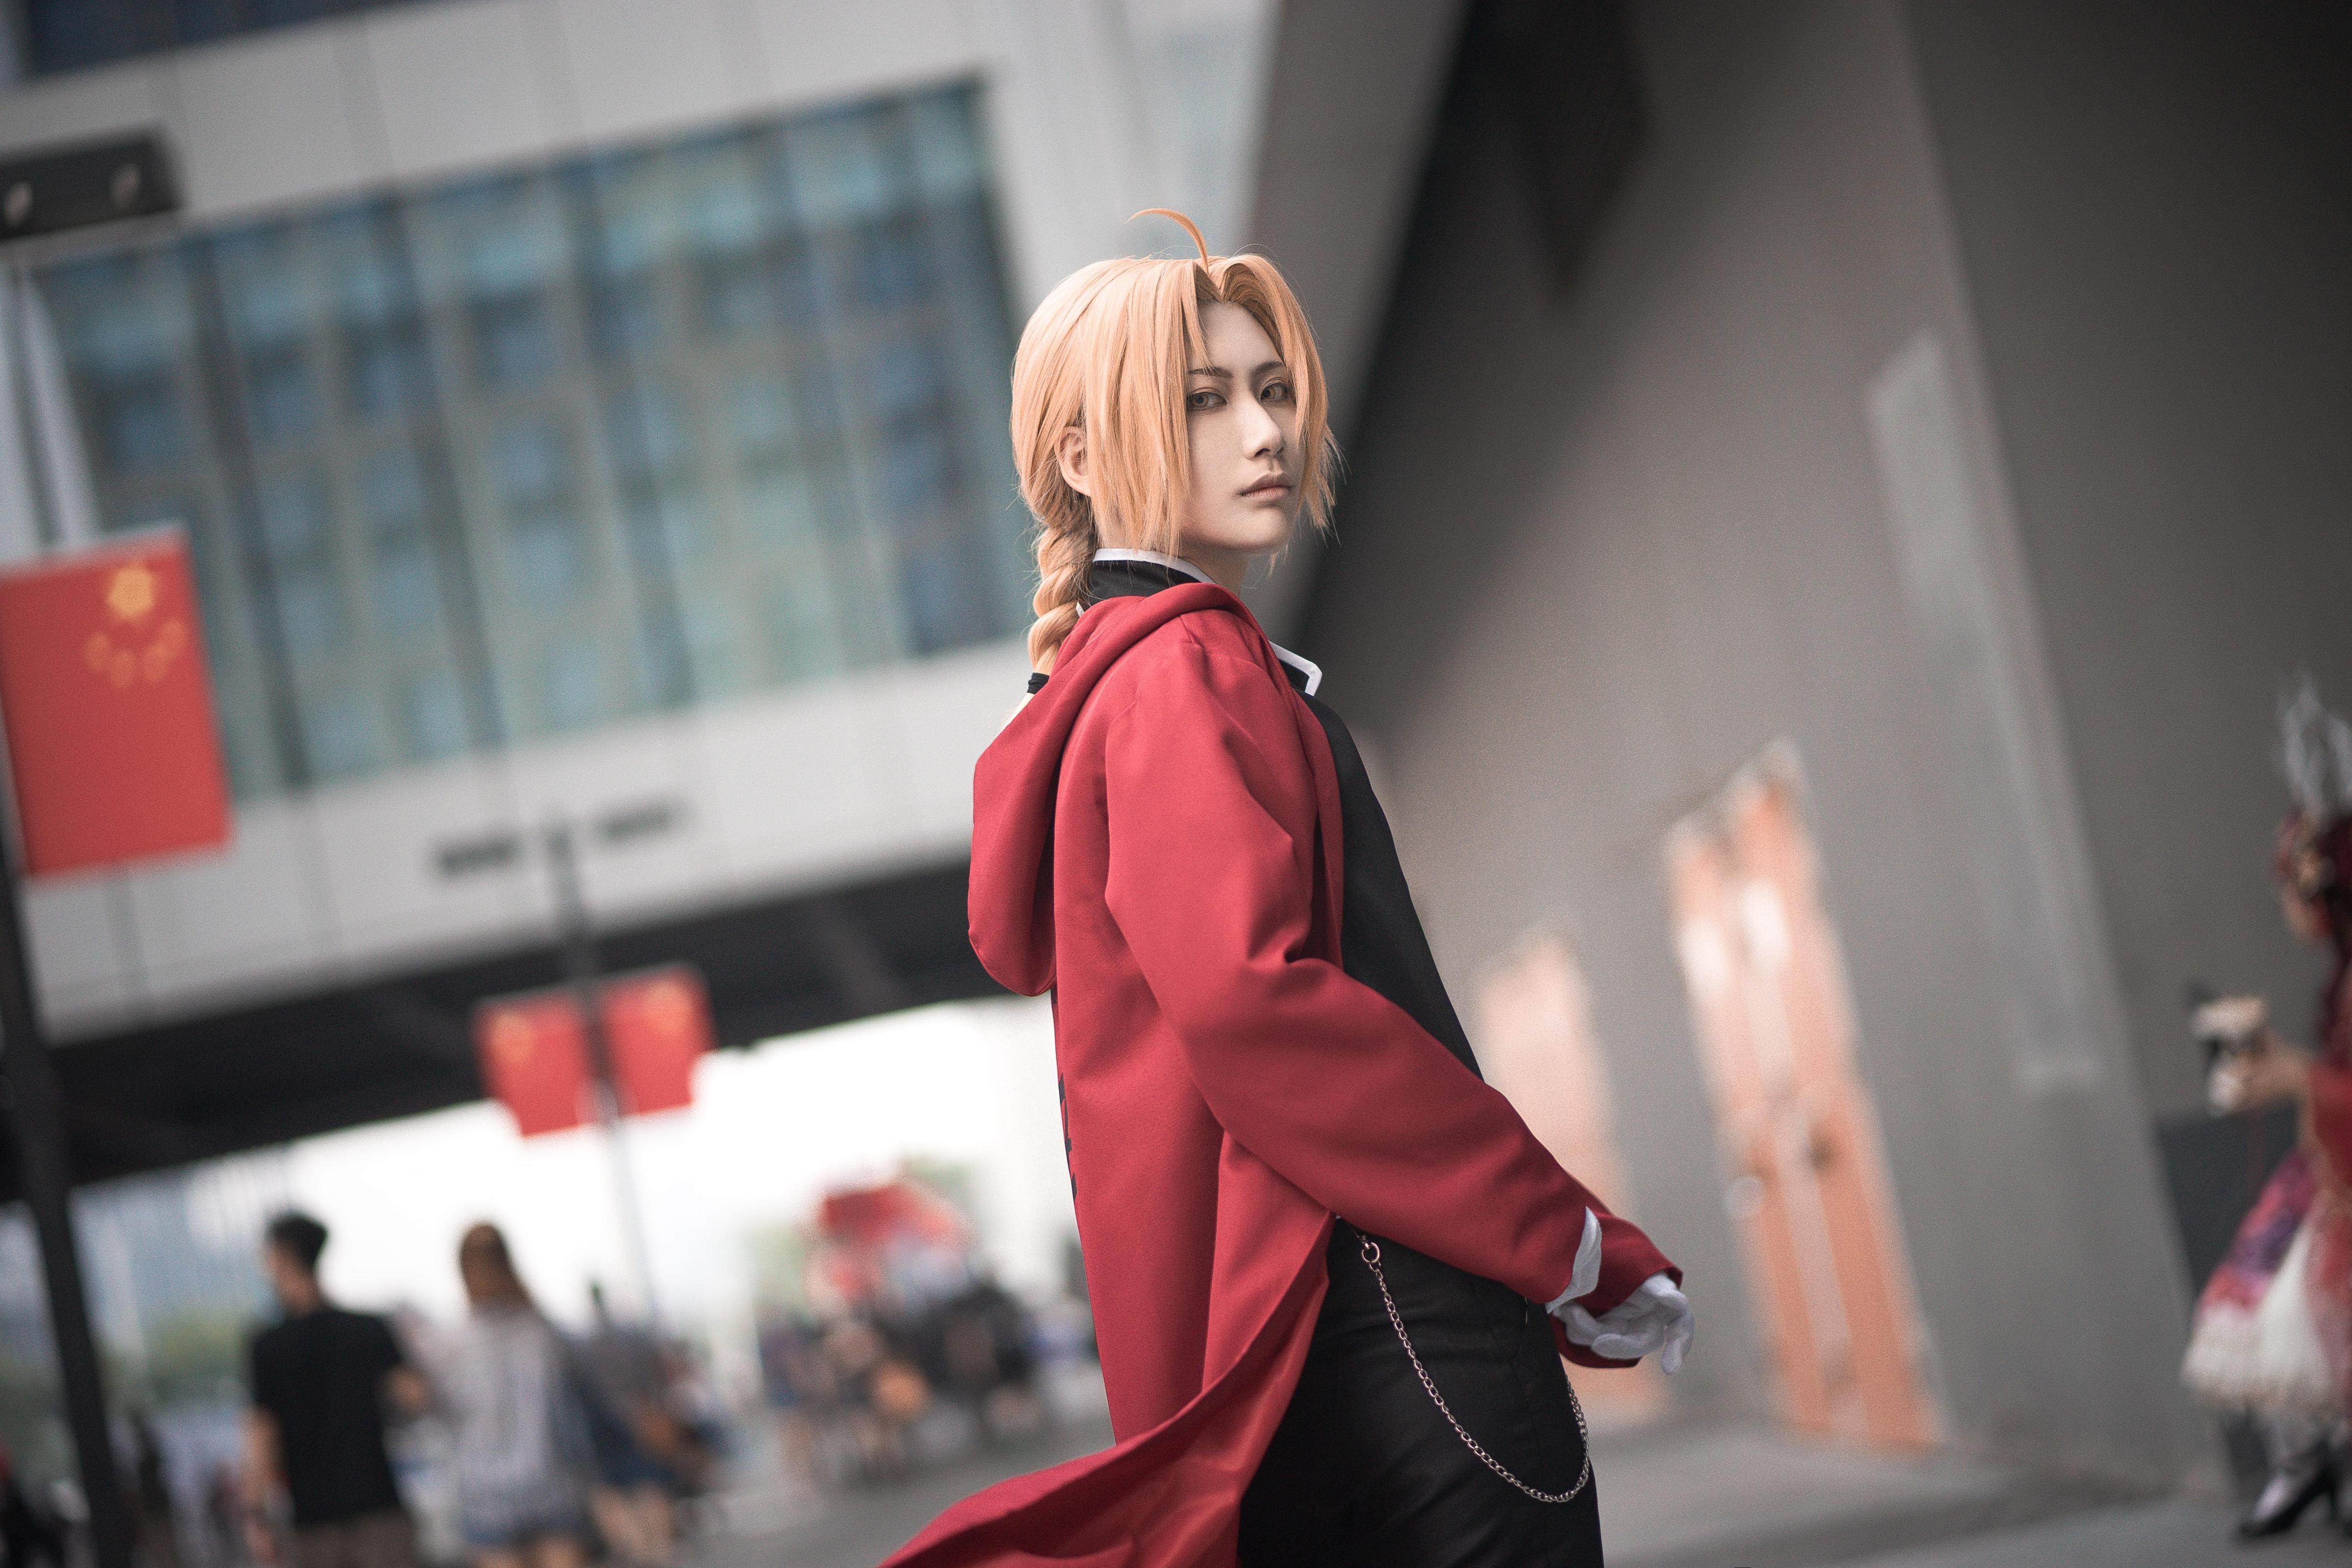 《钢之炼金术师》钢之炼金术师爱德华cosplay【CN:连仔】-第3张